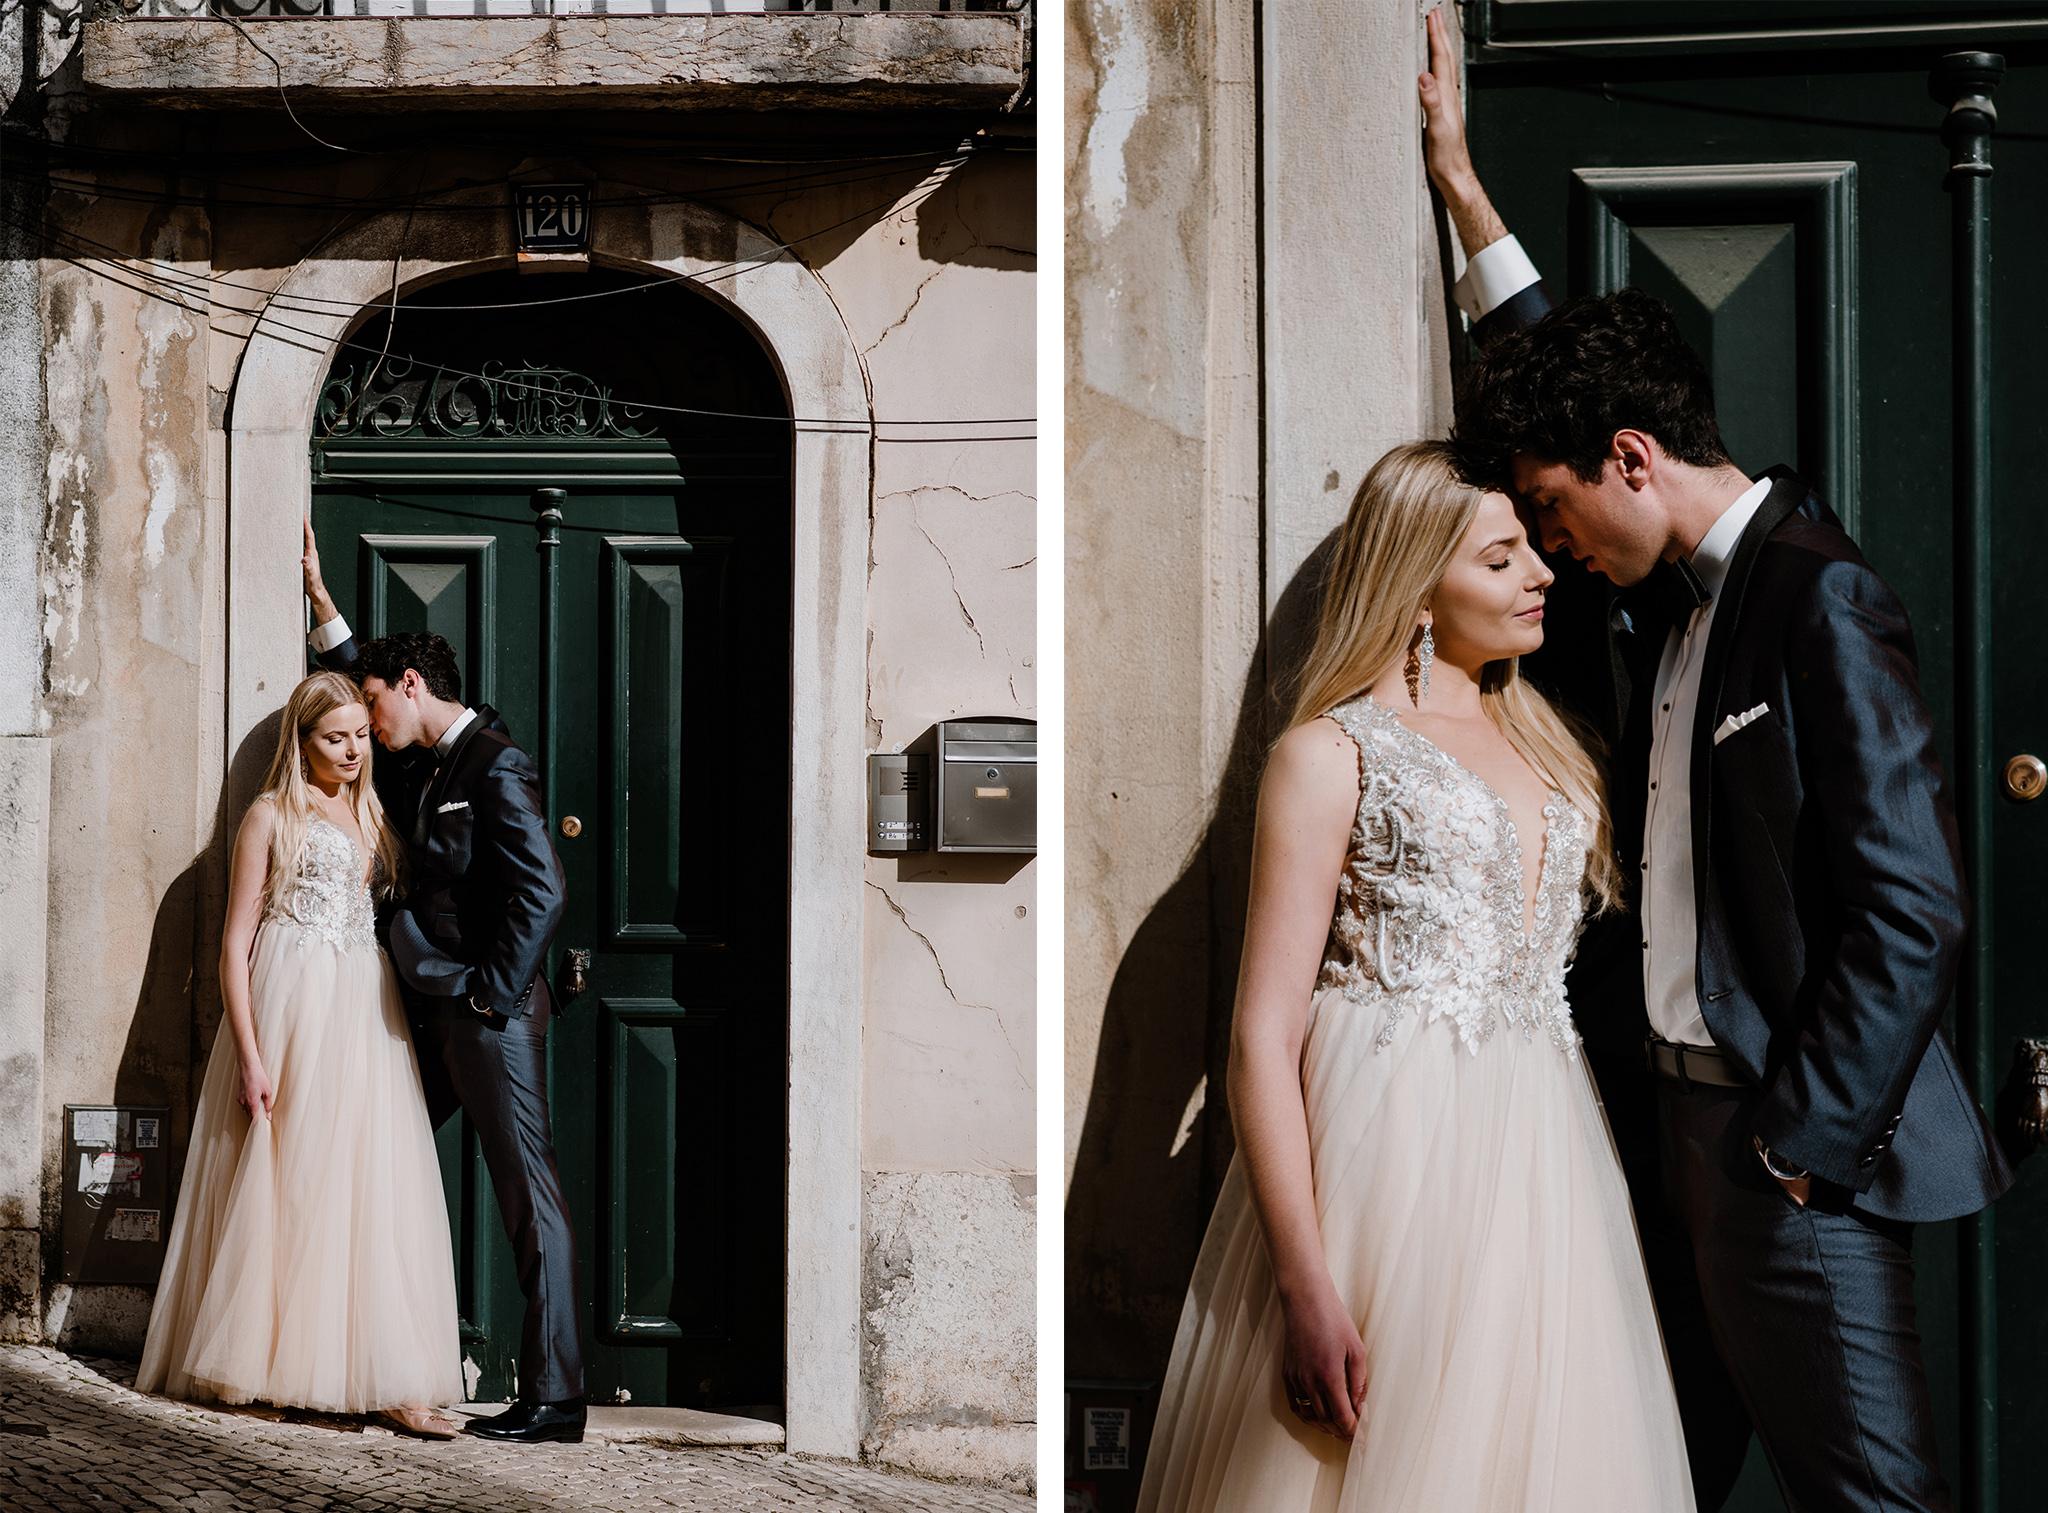 Zagraniczna sesja poślubna w Lizbonie